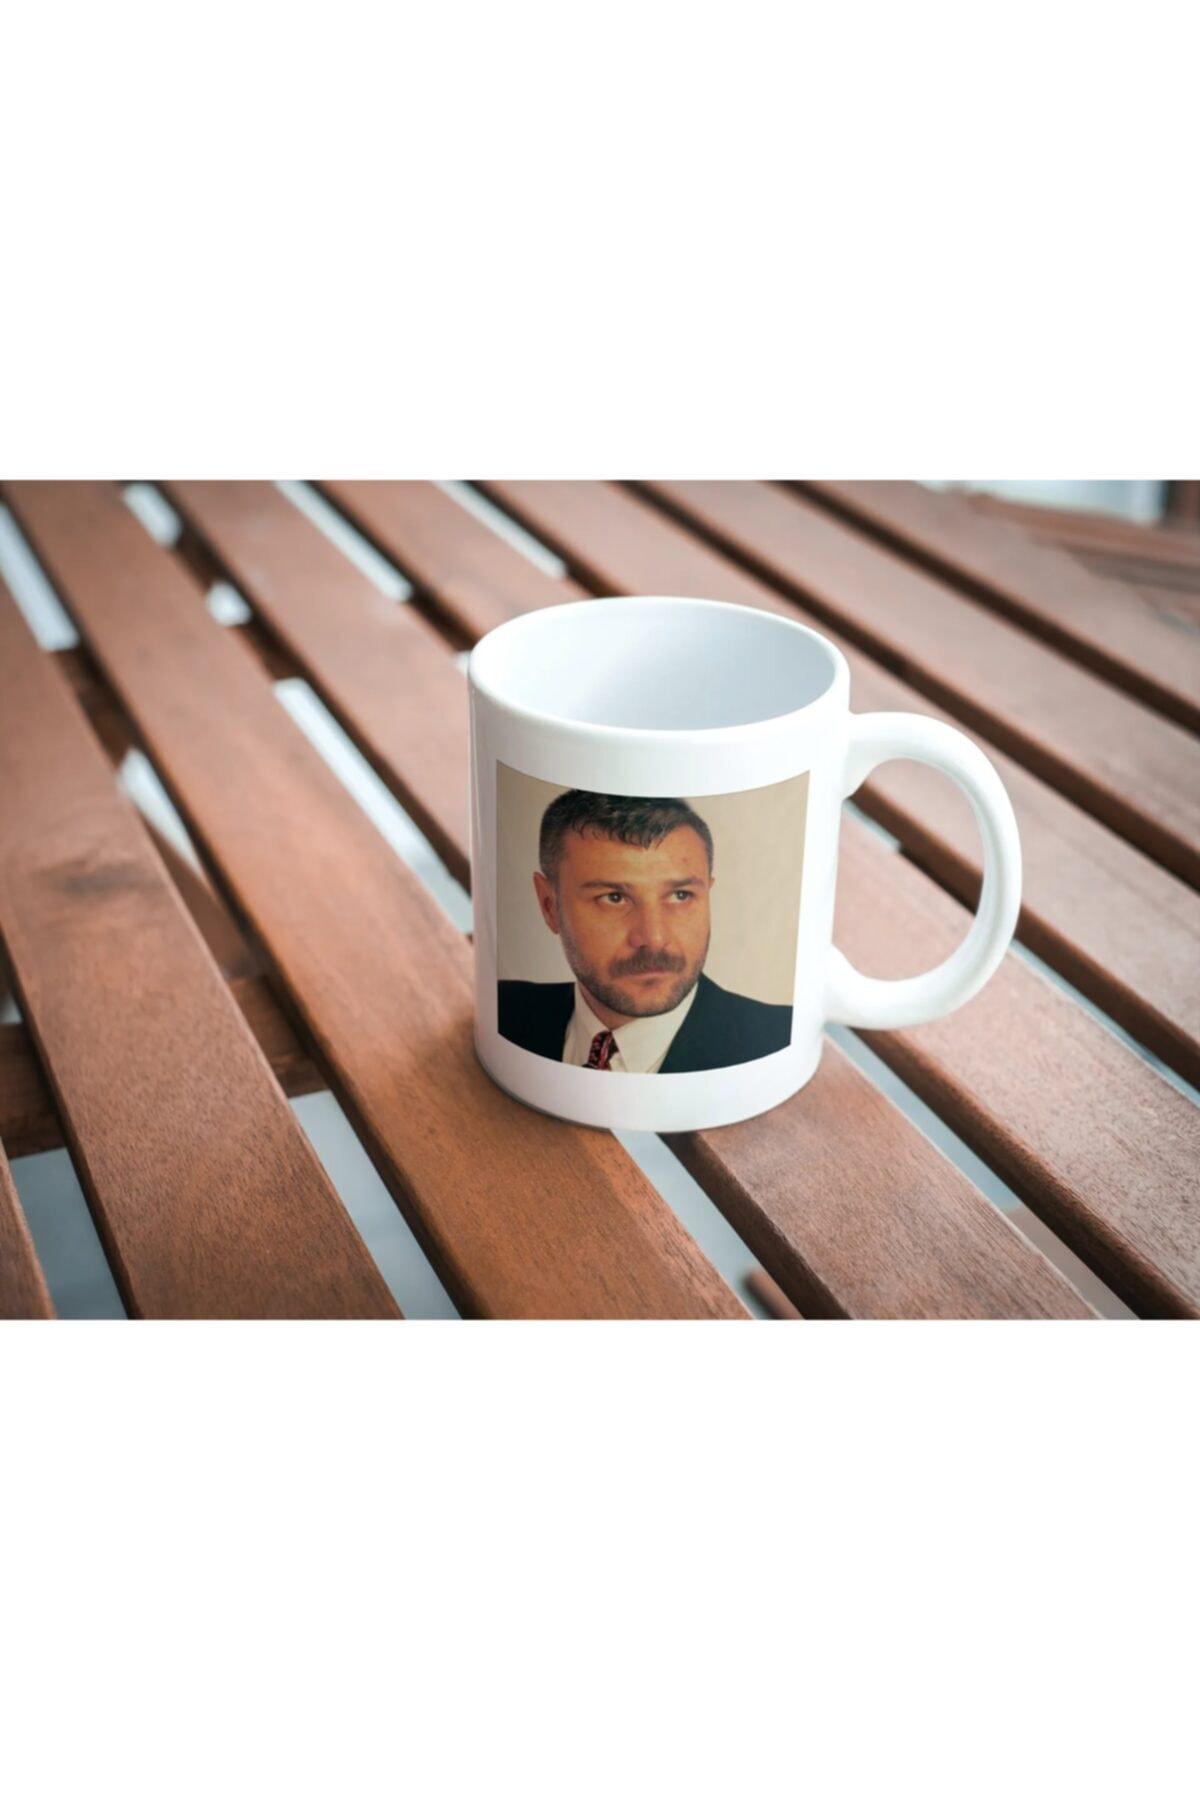 öztürk grup Azer Bülbül Illüstrasyon Baskılı Kupa/bardak 1